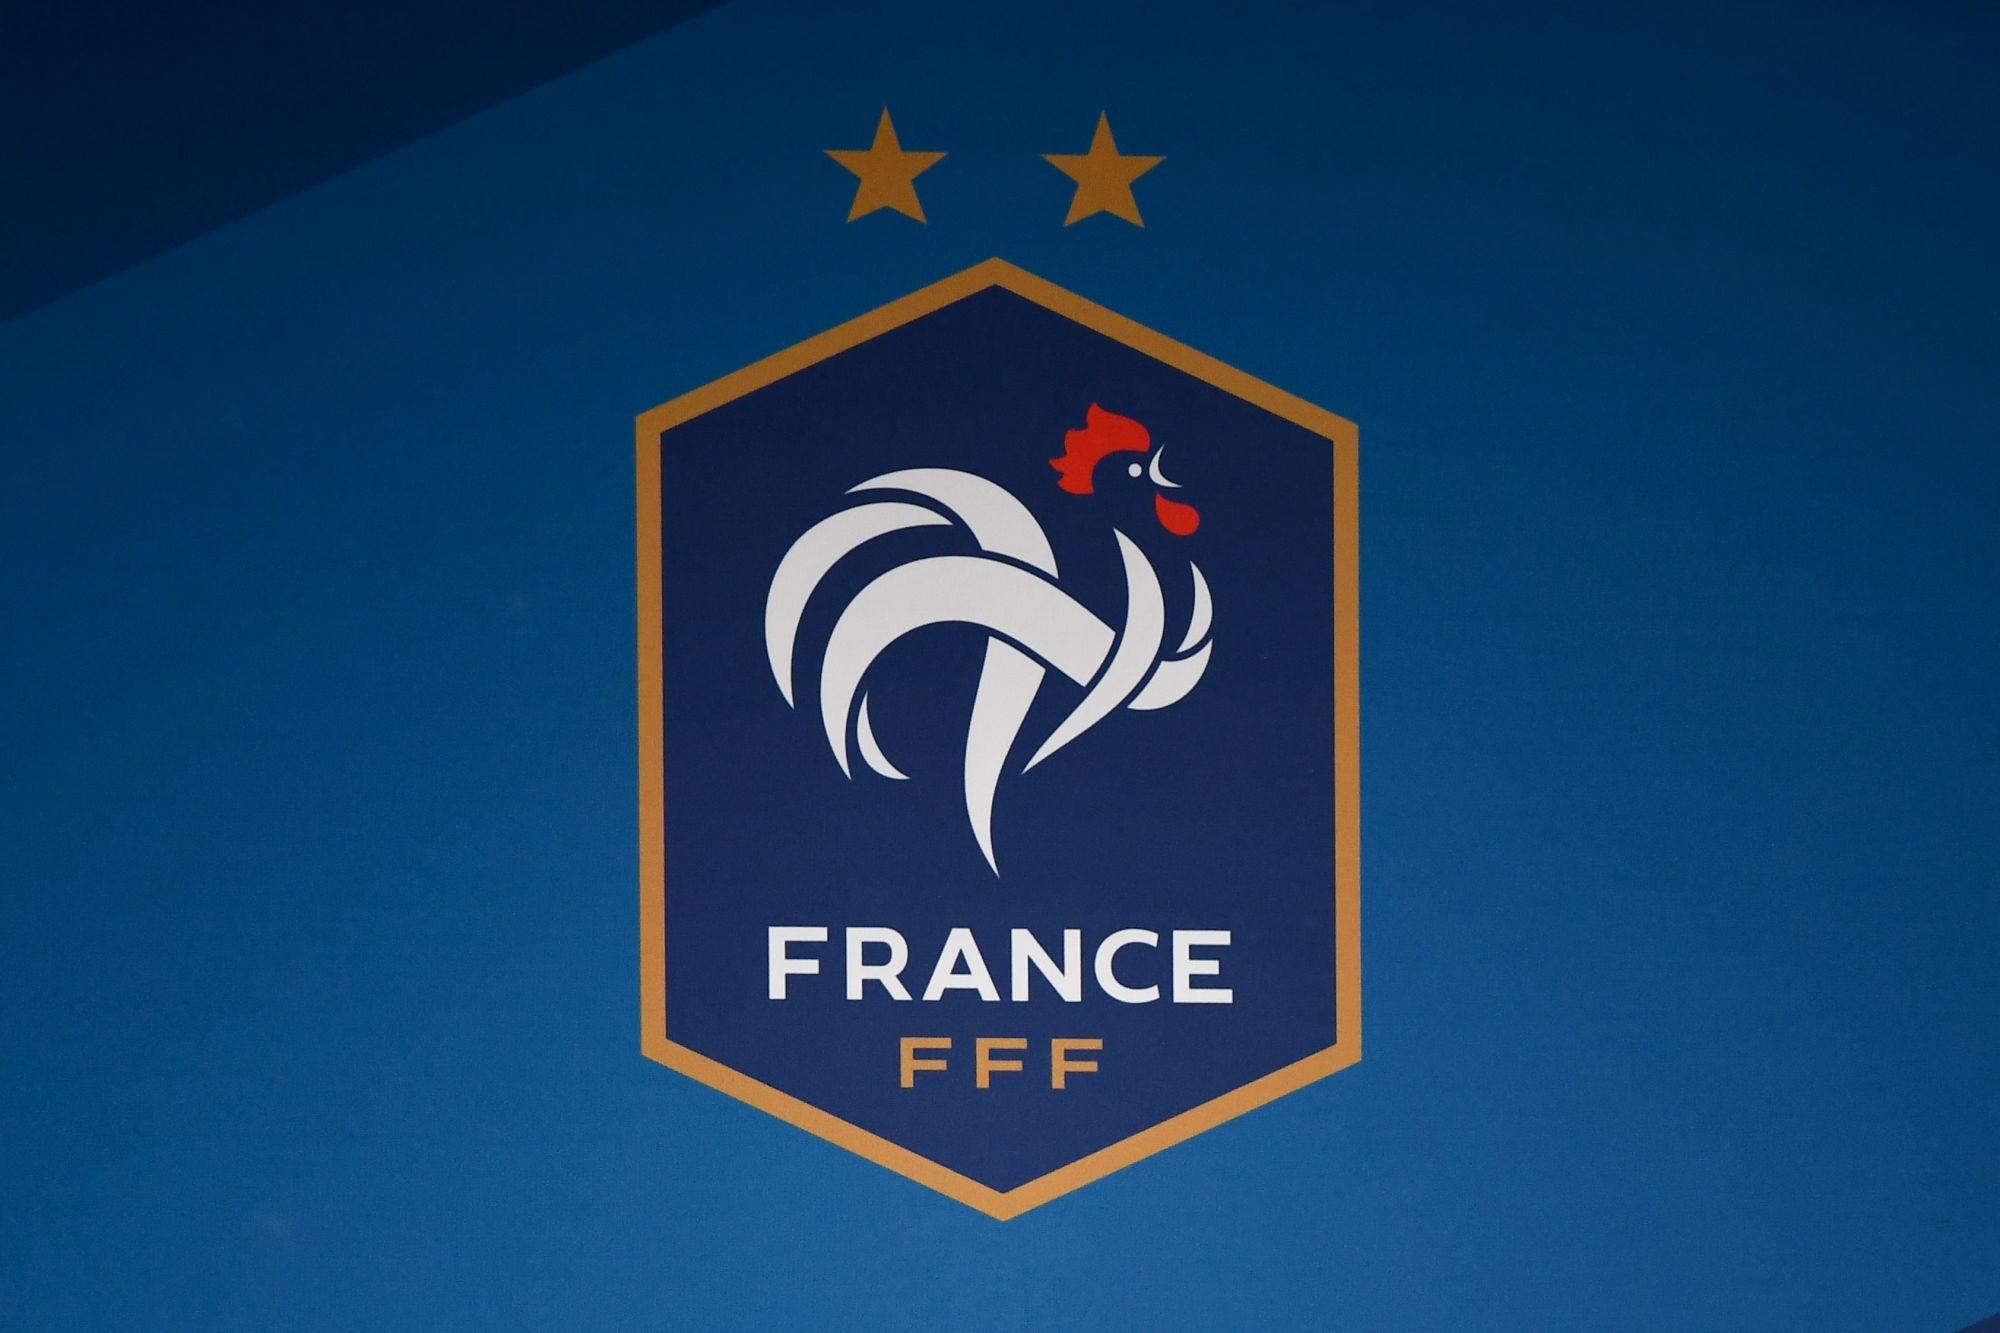 France/Allemagne - L'équipe des Bleus selon la presse : Mbappé et Kimpembe titulaires